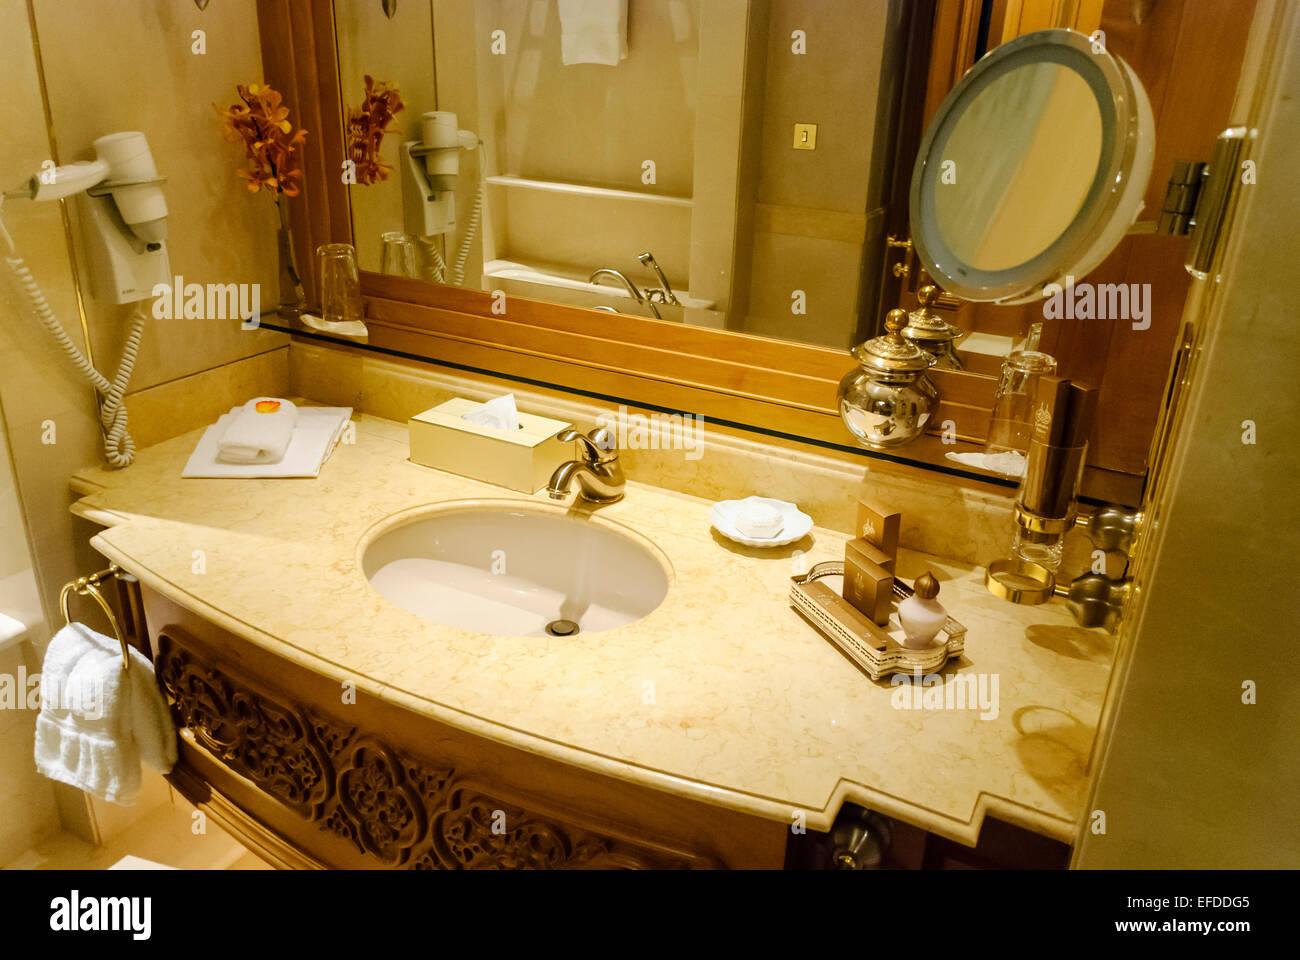 accessoires de salle de bains dorés dans une chambre dans l'hôtel